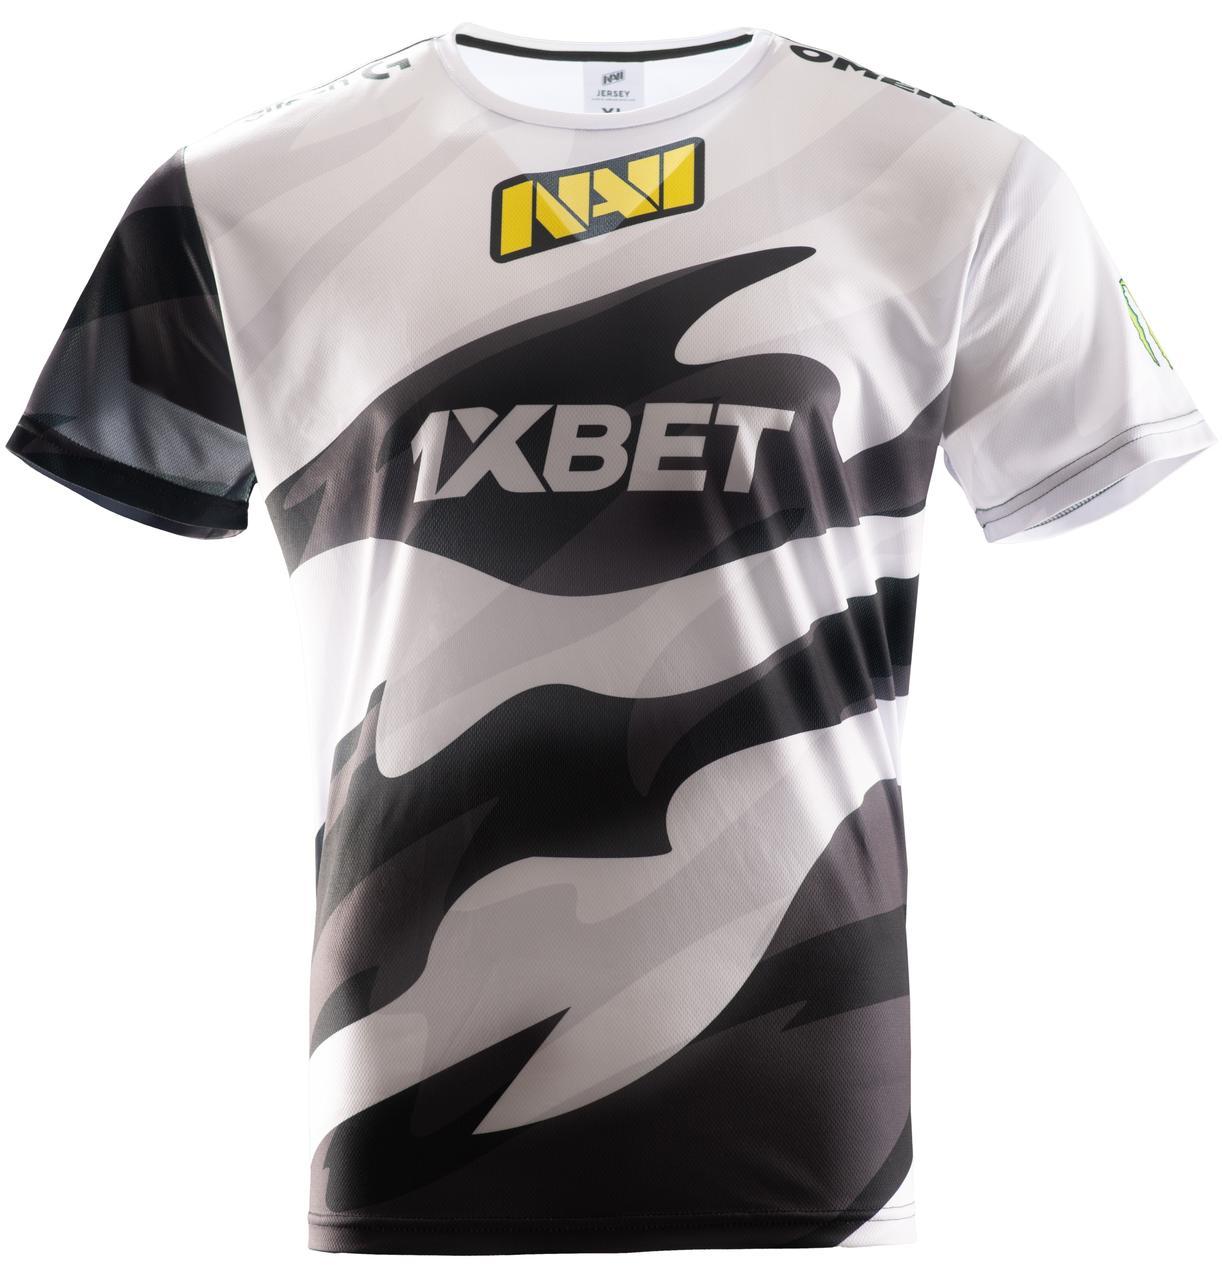 Футболка NAVI 2020 Игровая Джерси Черно-Белая  XL